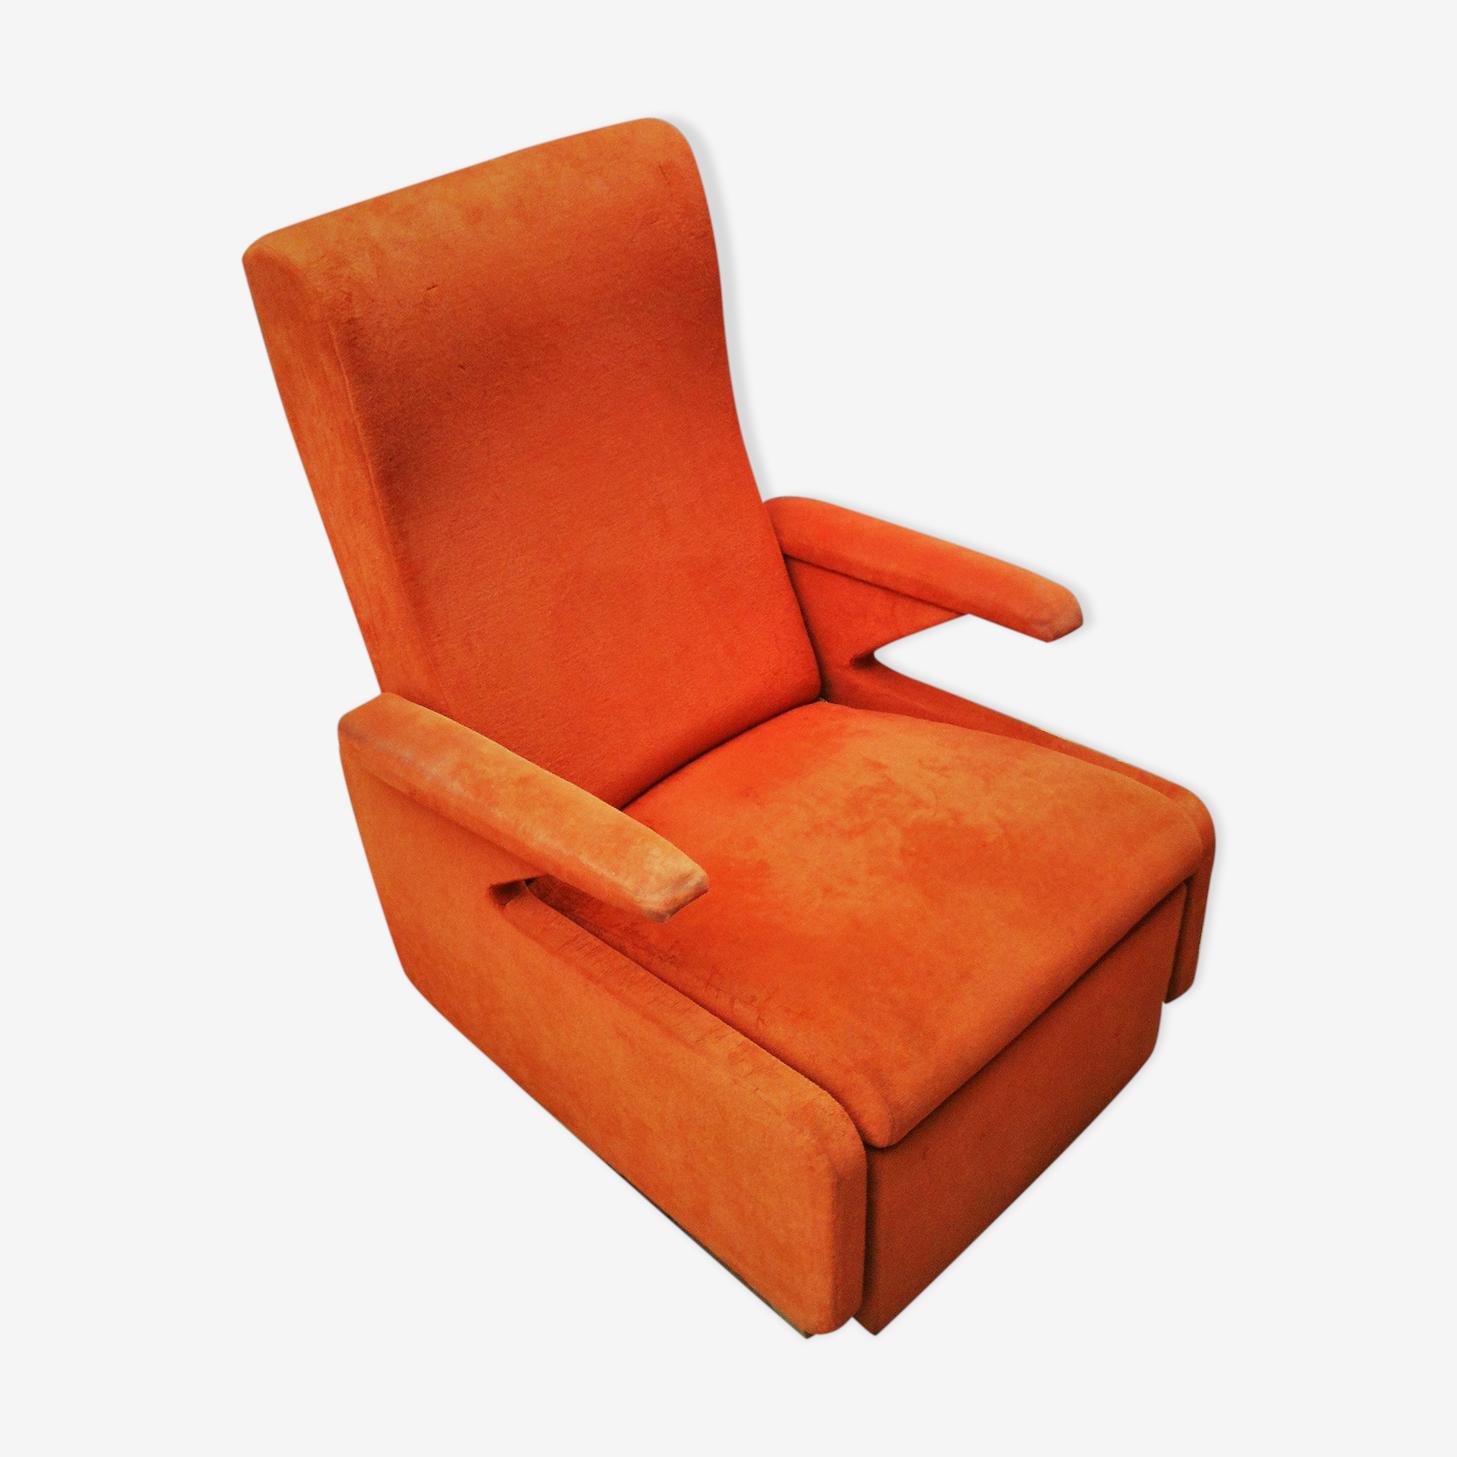 Erton armchair